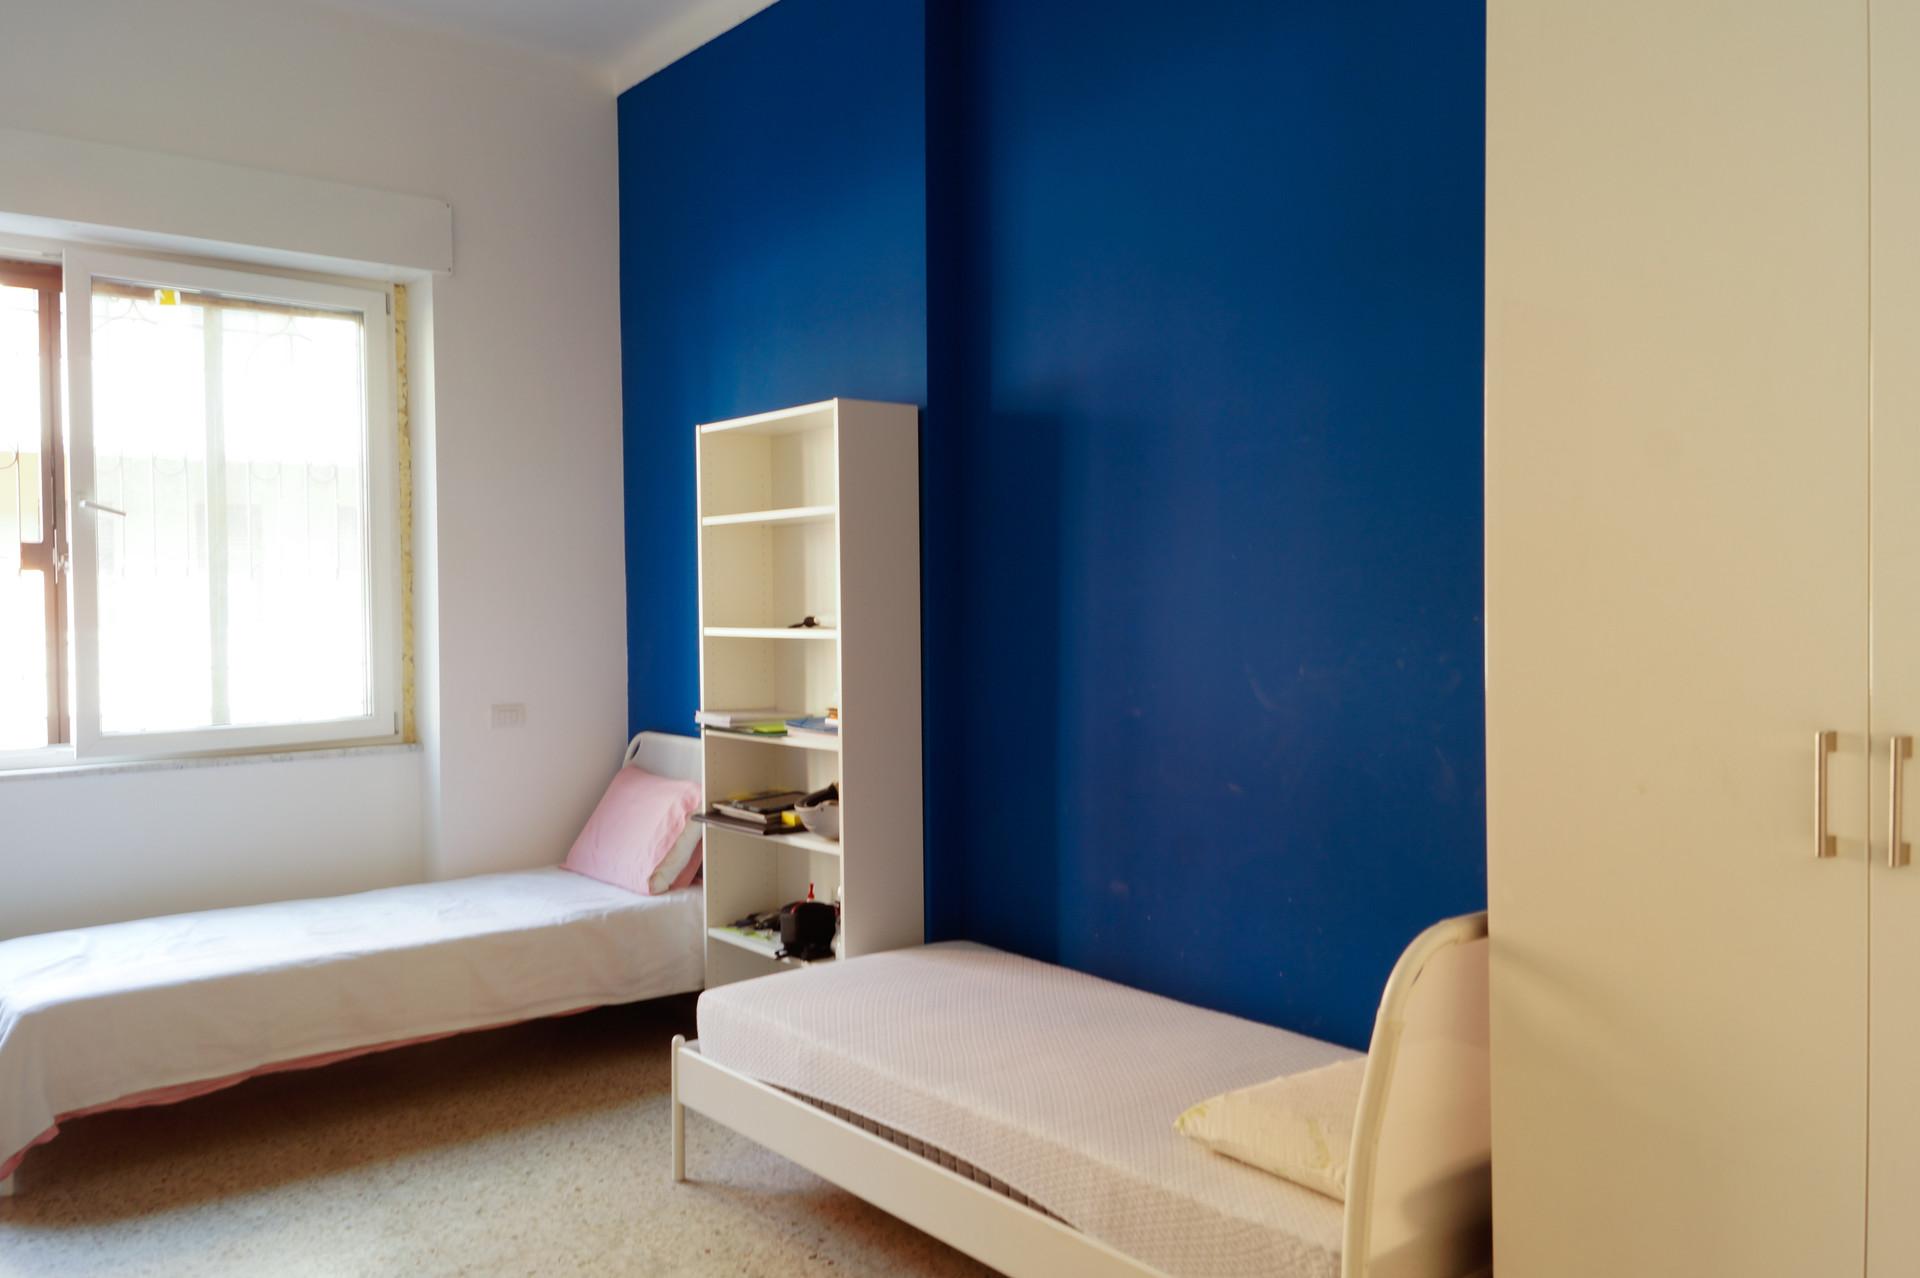 Posto letto in bellissima stanza doppia stanze in affitto milano - Affitto posto letto a milano ...